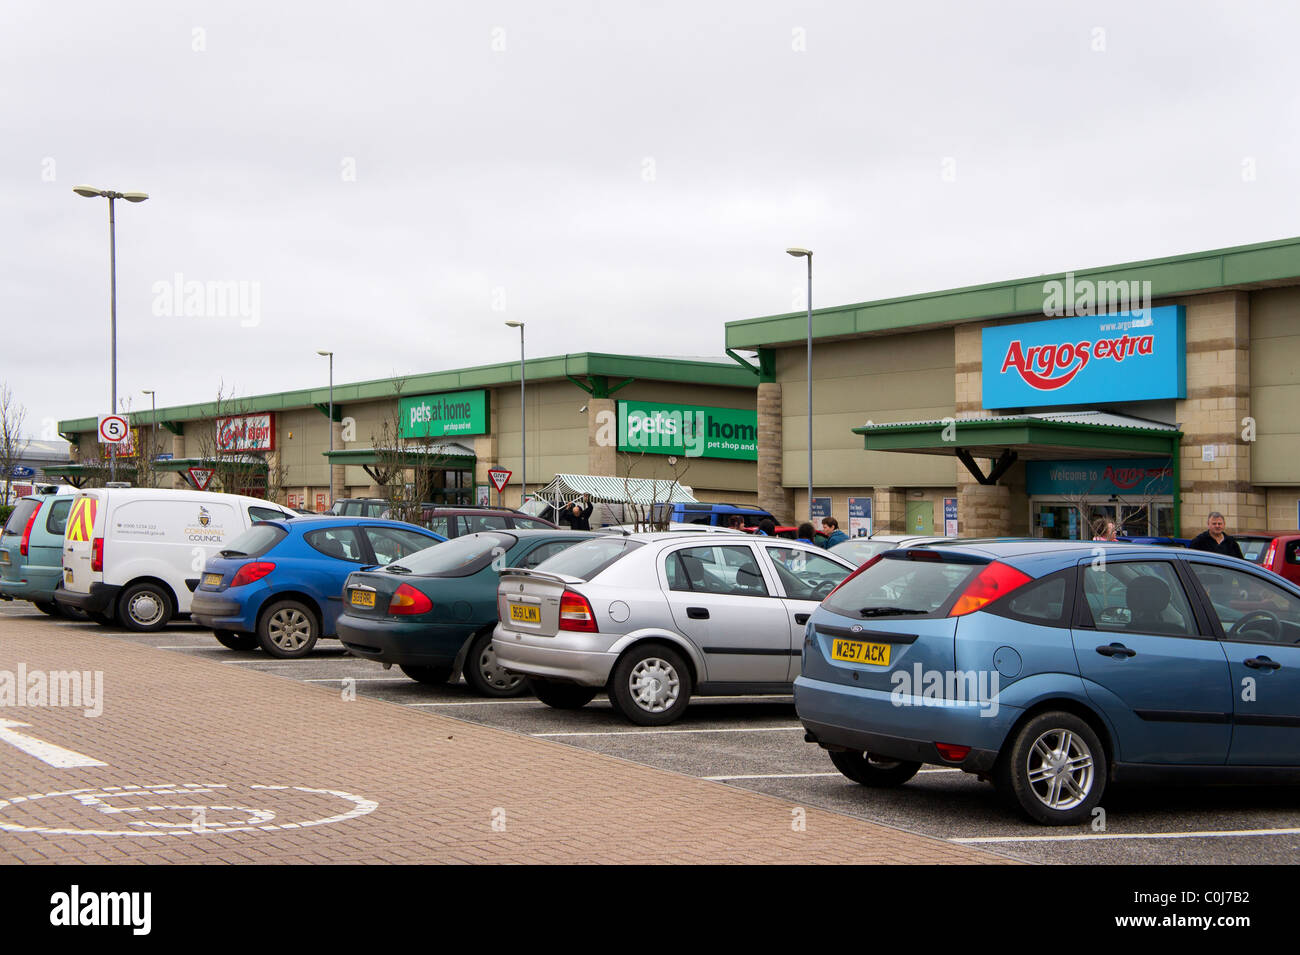 Un fuori città retail park a Truro in Cornovaglia, Regno Unito Immagini Stock